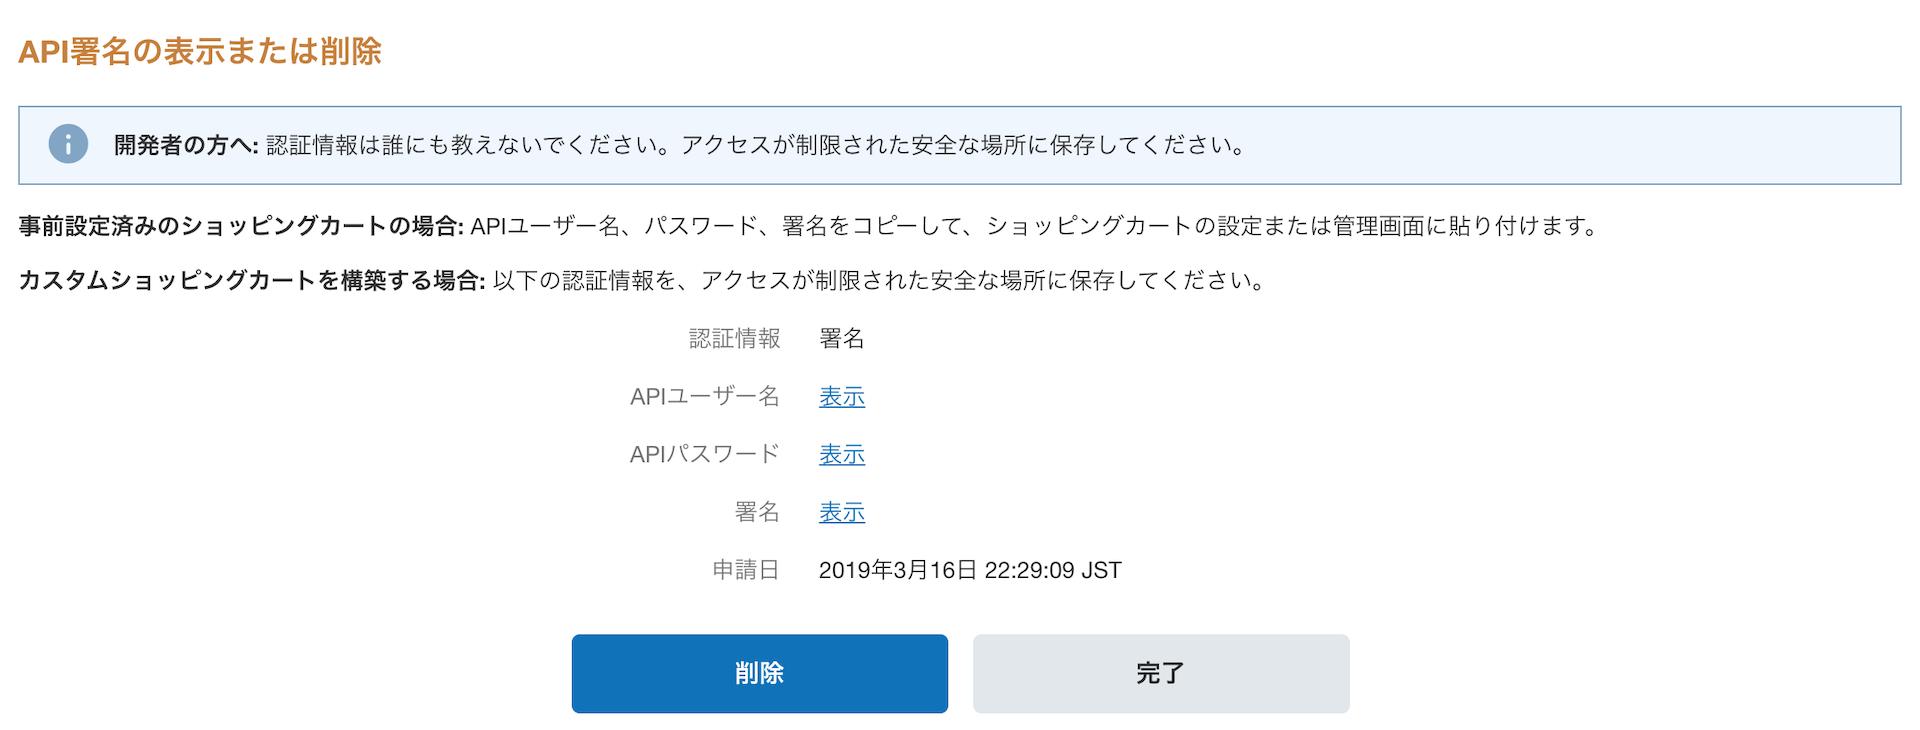 PayPalビジネスアカウント API情報